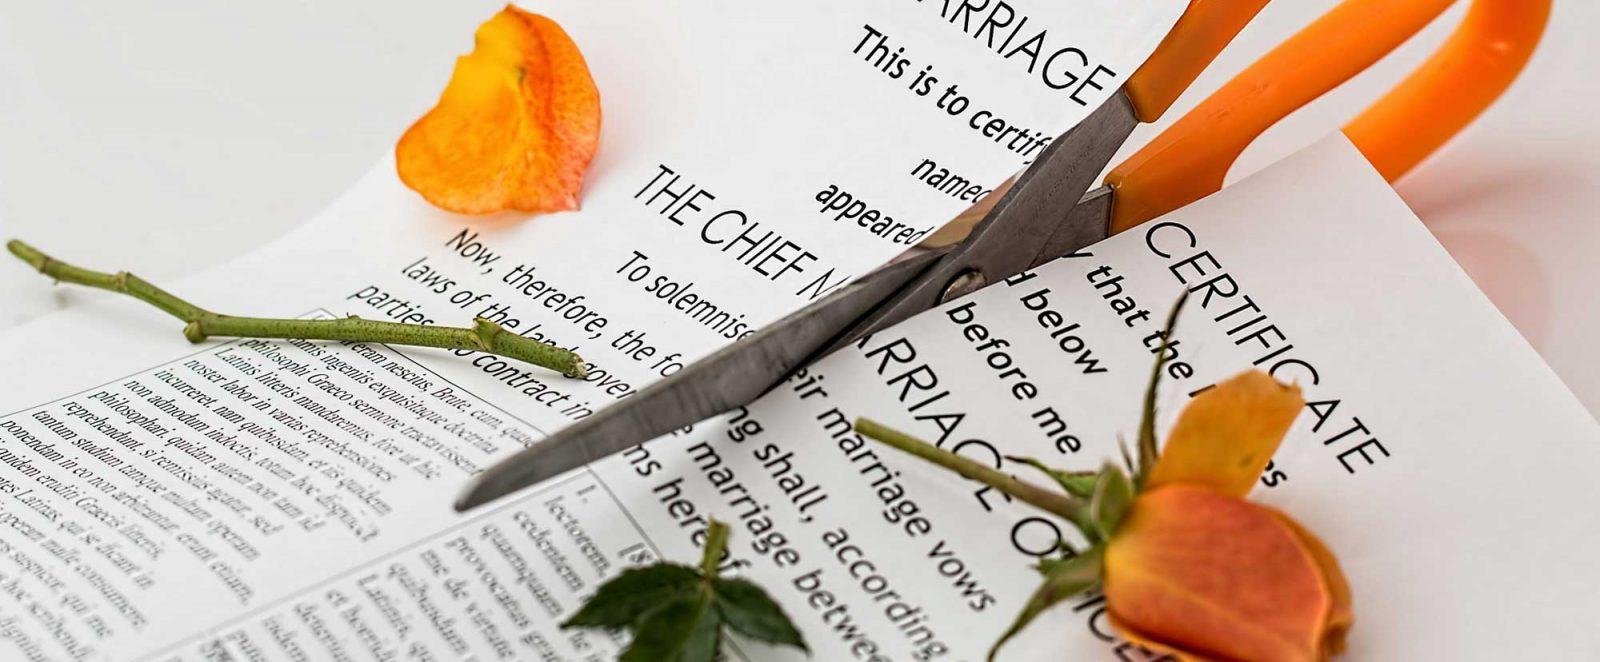 Immobilien Gutachten Scheidung